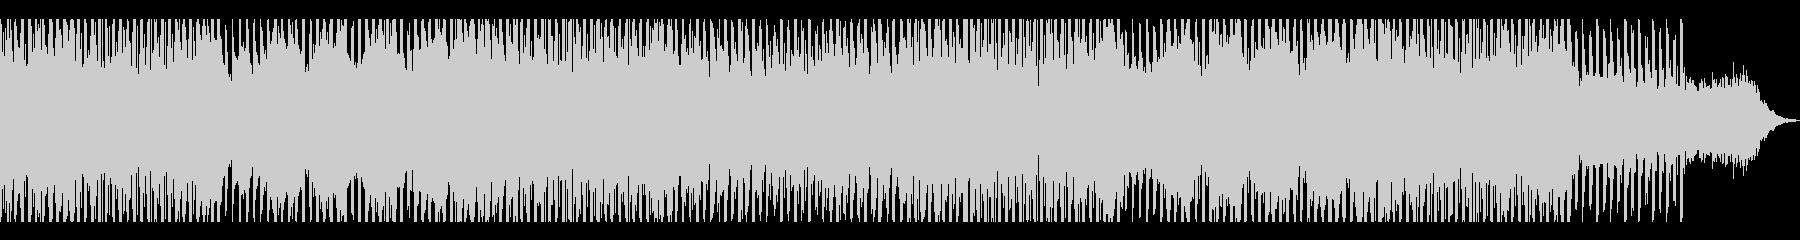 ダークでカッコイイ怪しい雰囲気な曲の未再生の波形